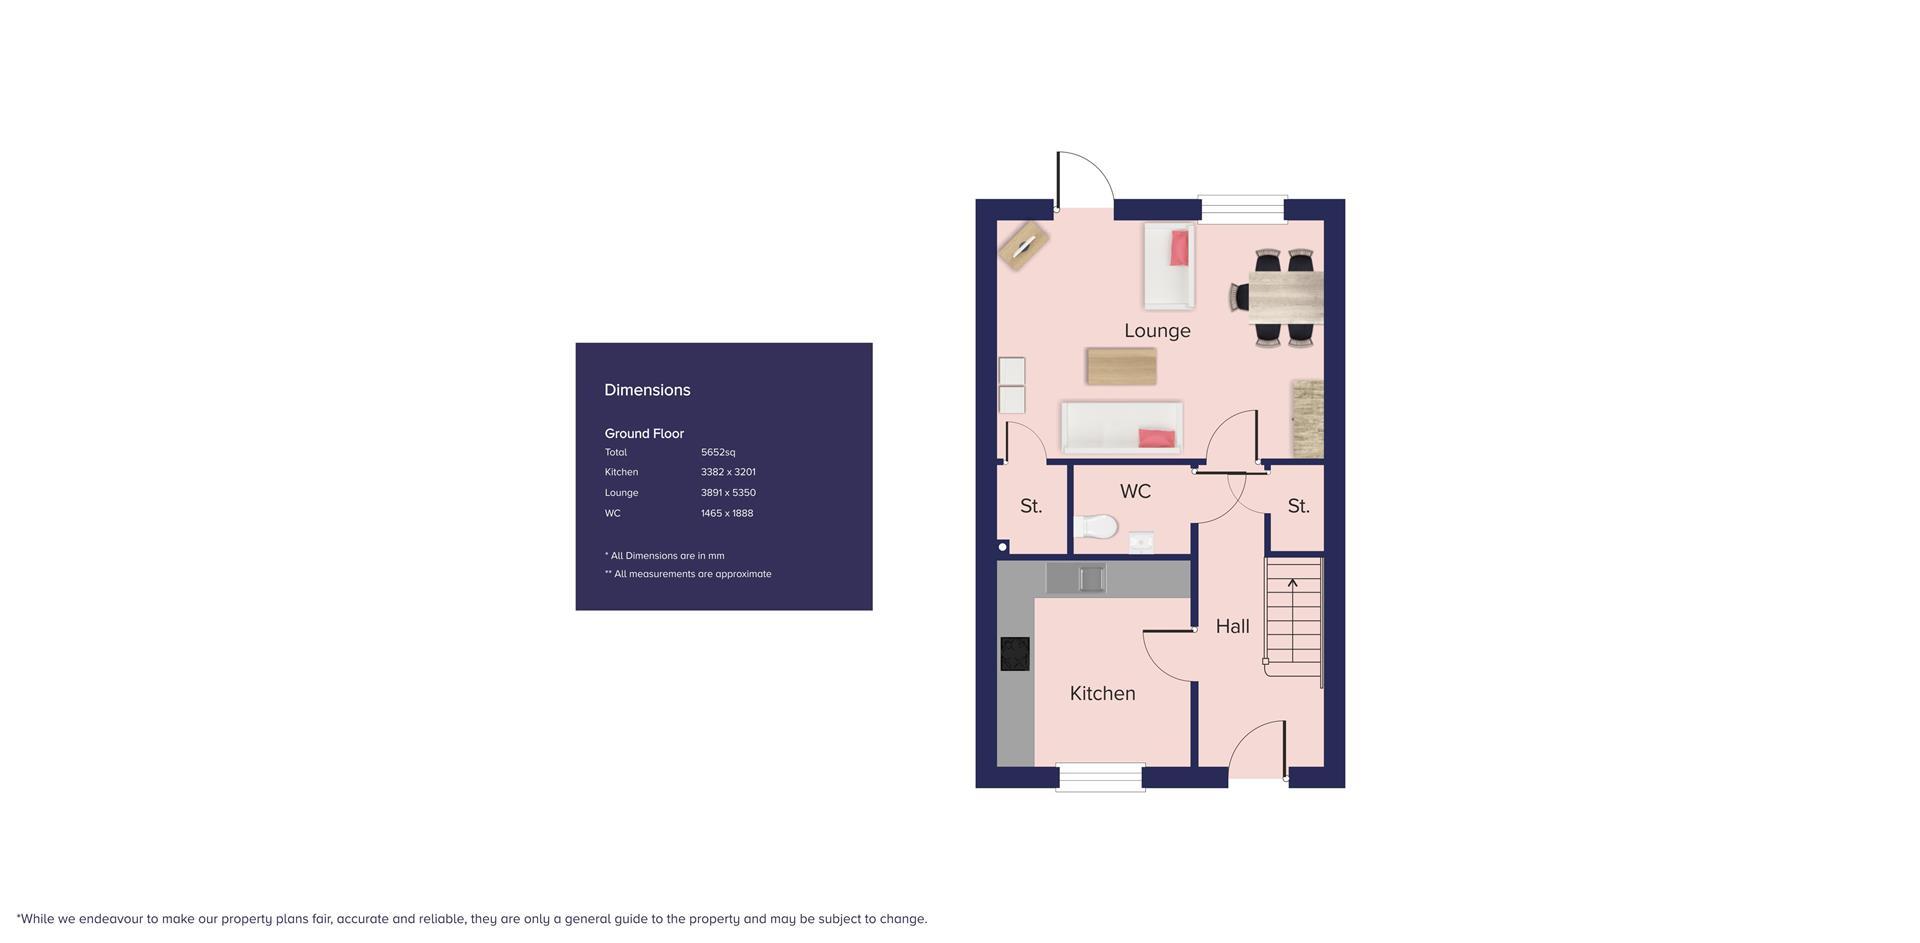 Kingfisher Grange Bursledon - Website Image.jpg